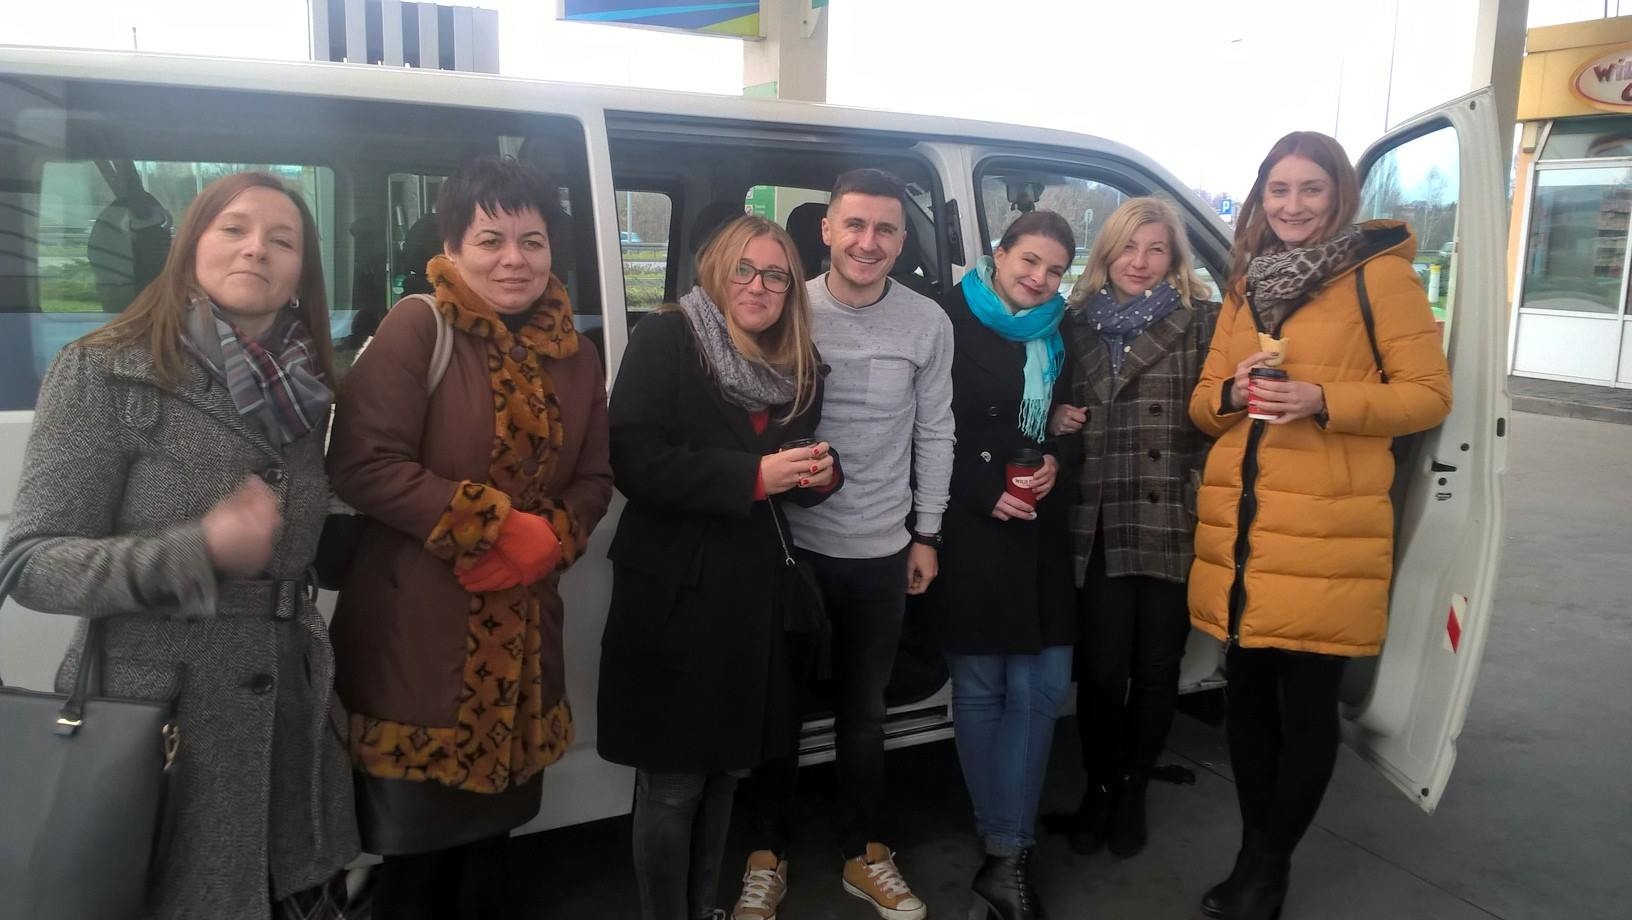 Busweekend przewóz osób Katowice